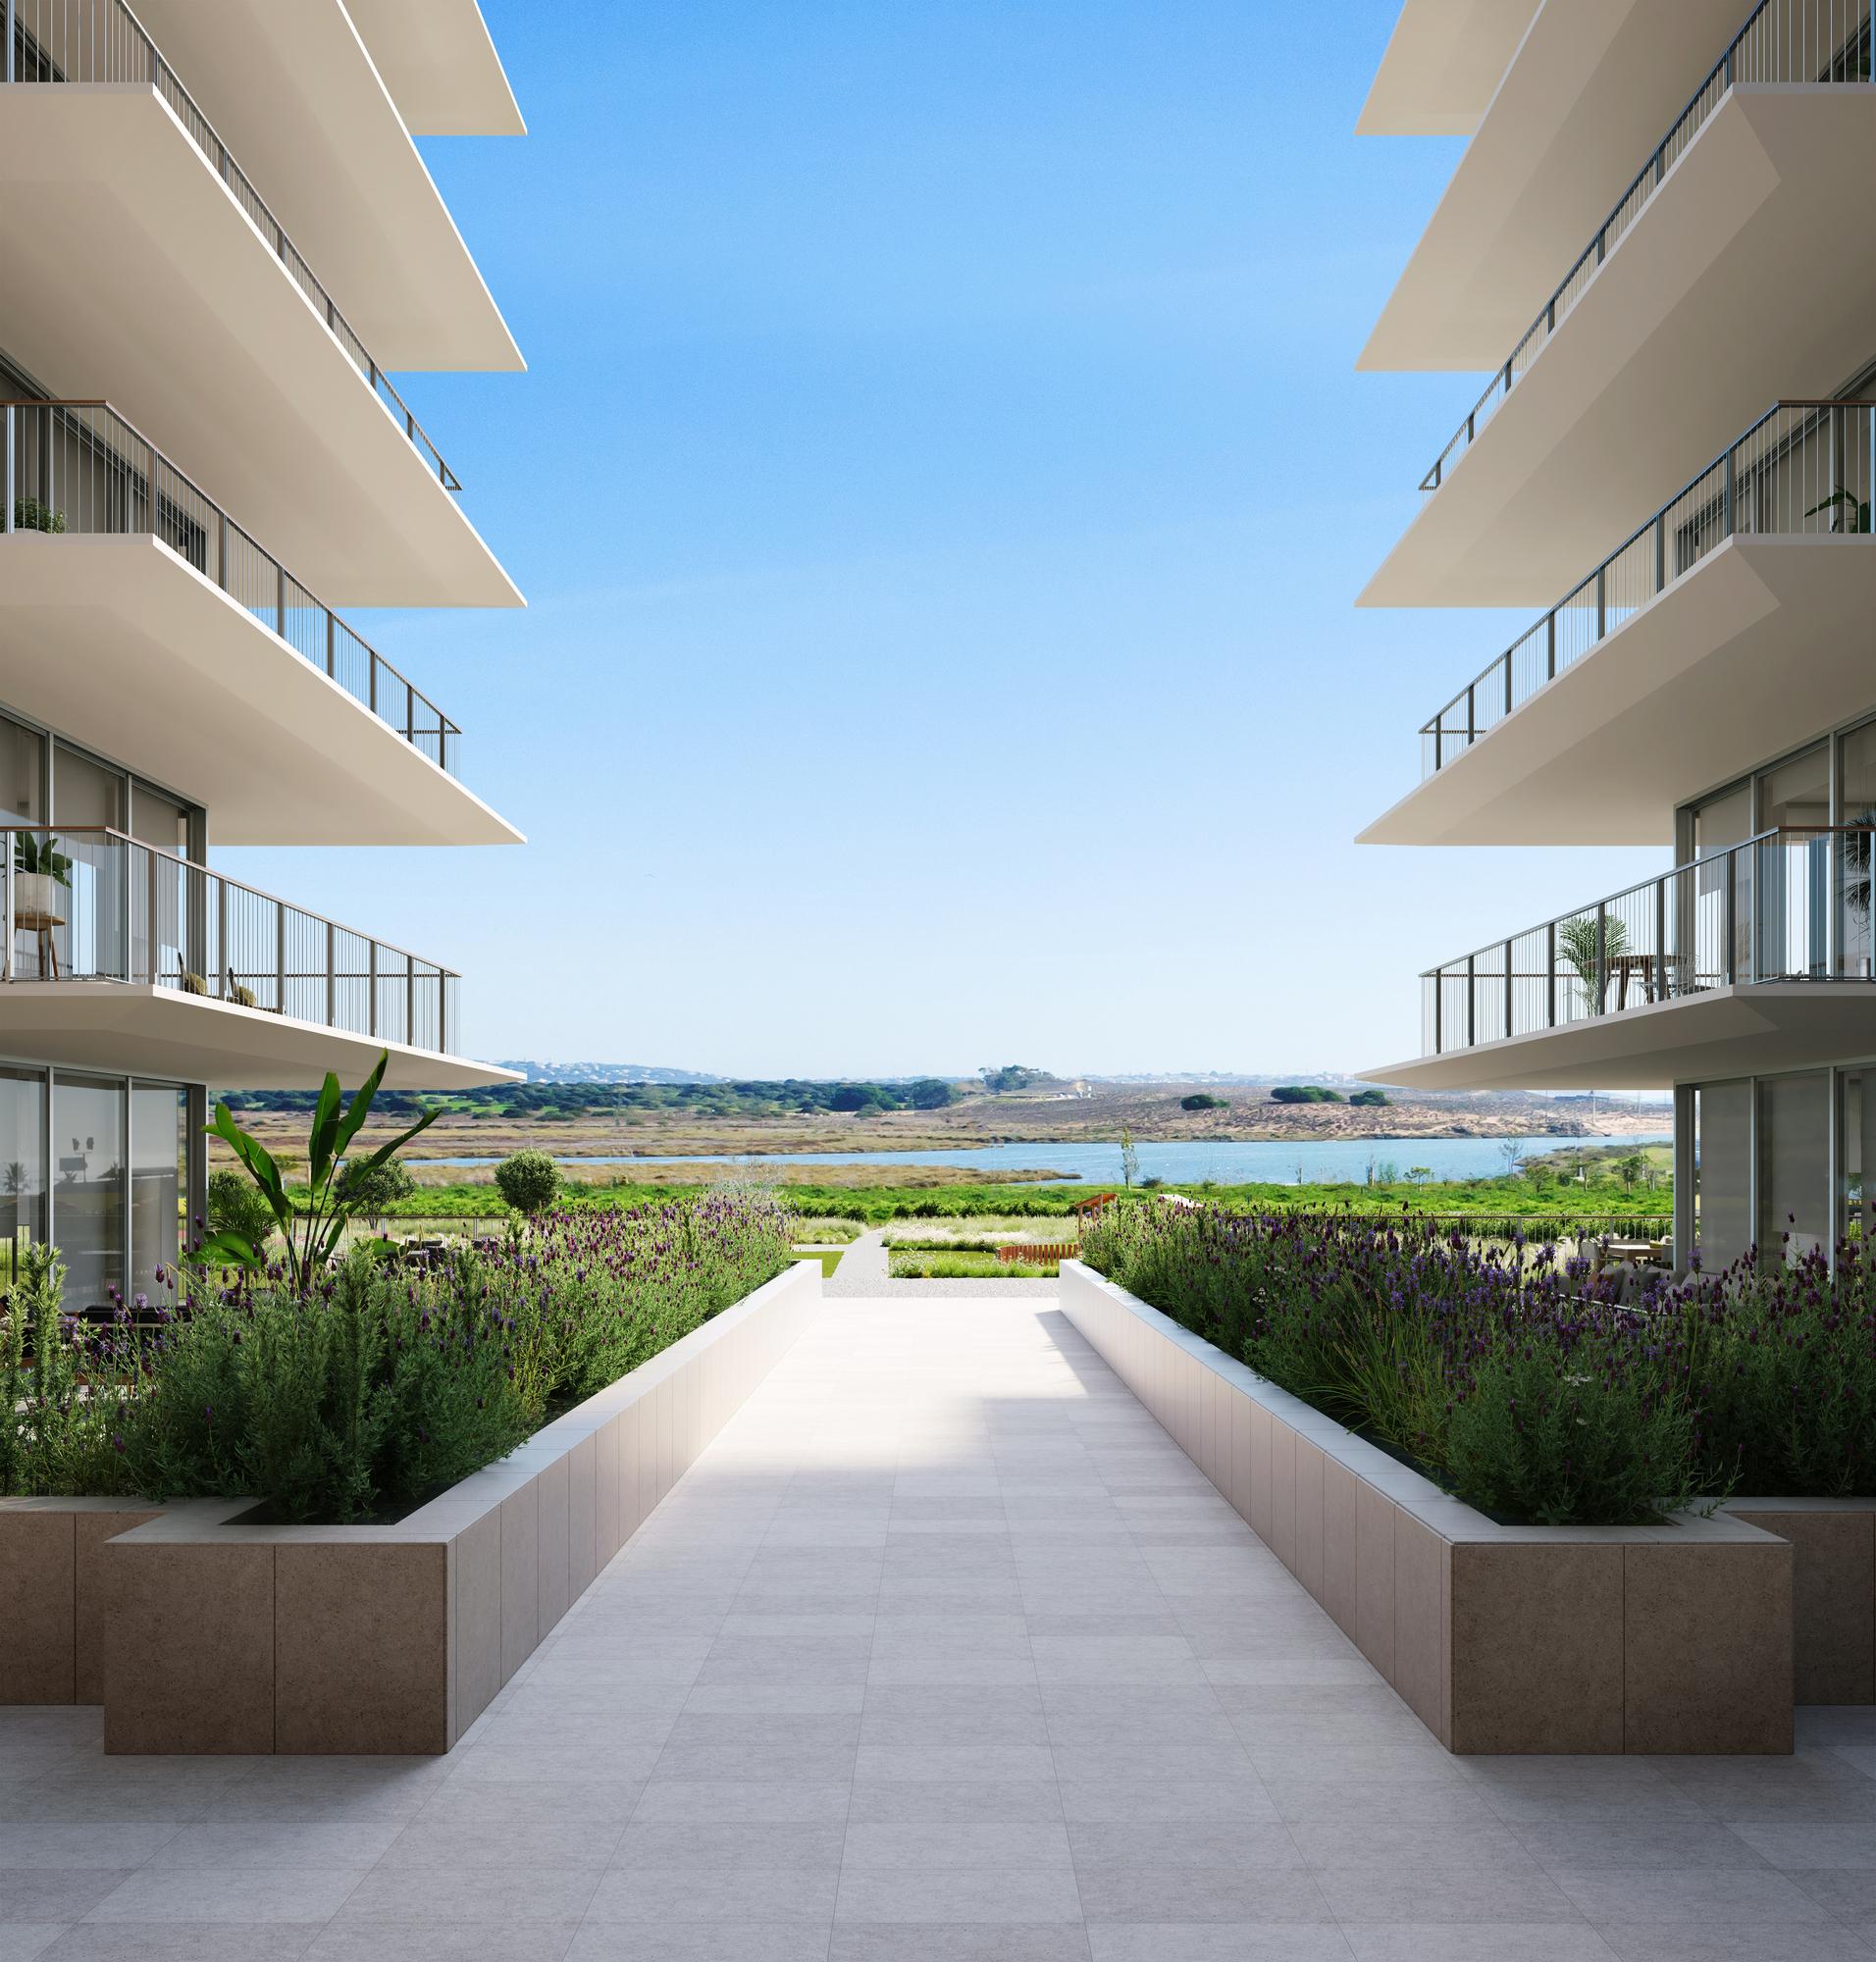 bayline-courtyard